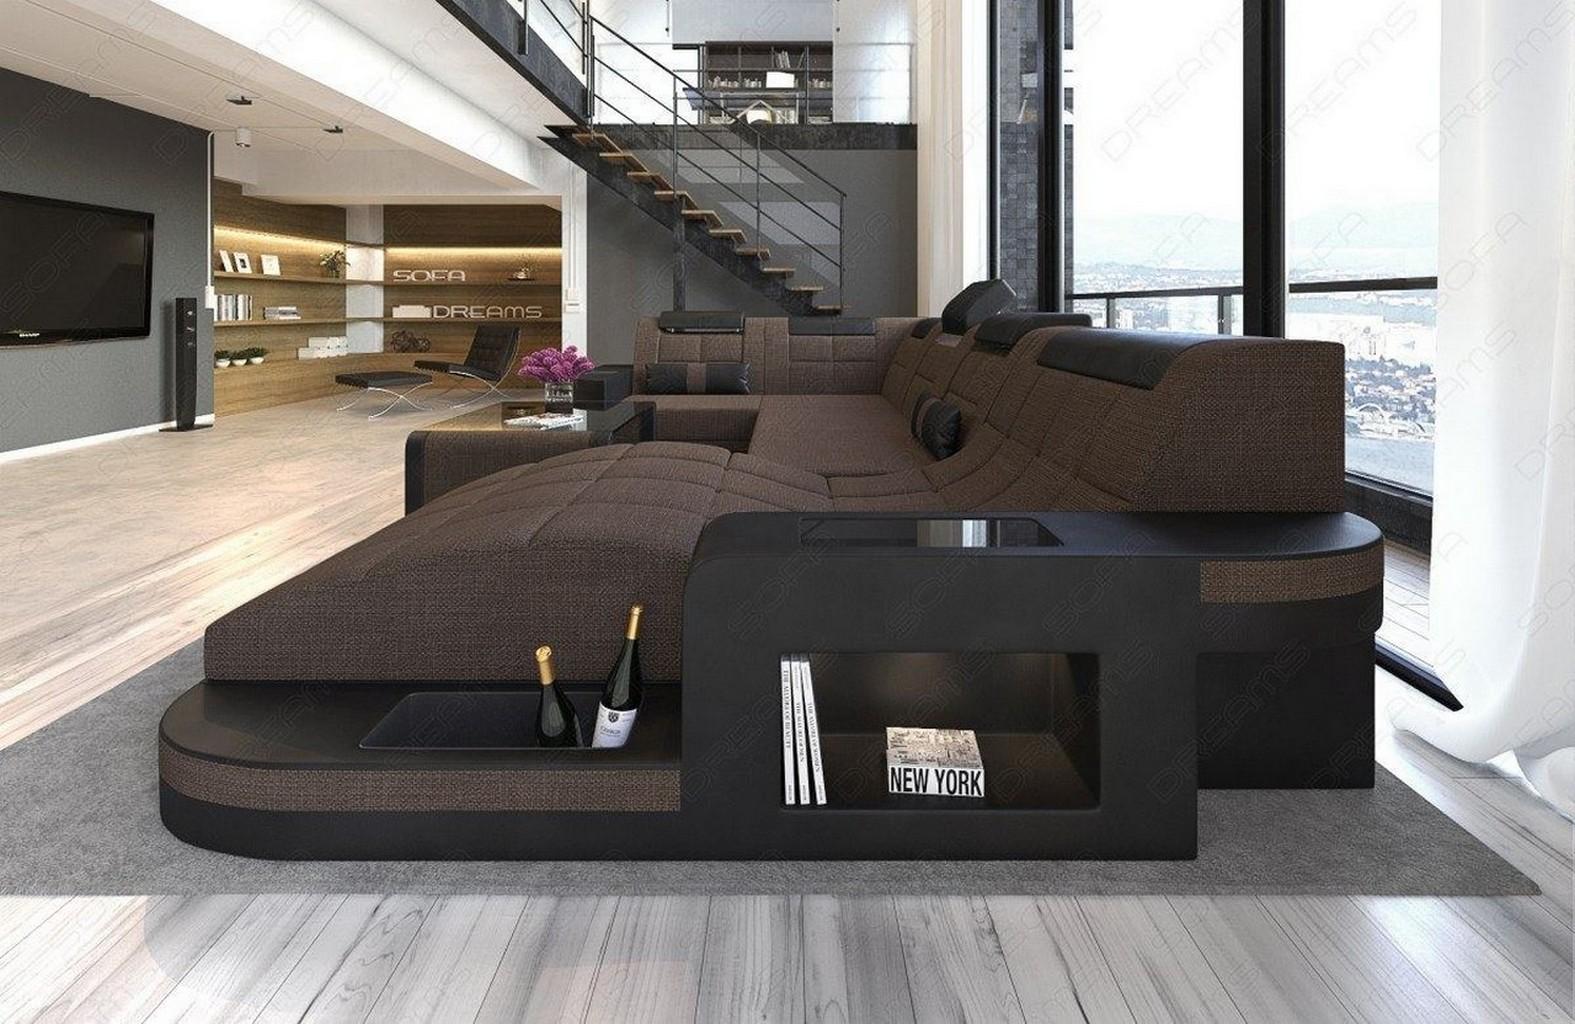 wohnlandschaft stoffsofa wave u form led beleuchtung polsterecke materialmix ebay. Black Bedroom Furniture Sets. Home Design Ideas